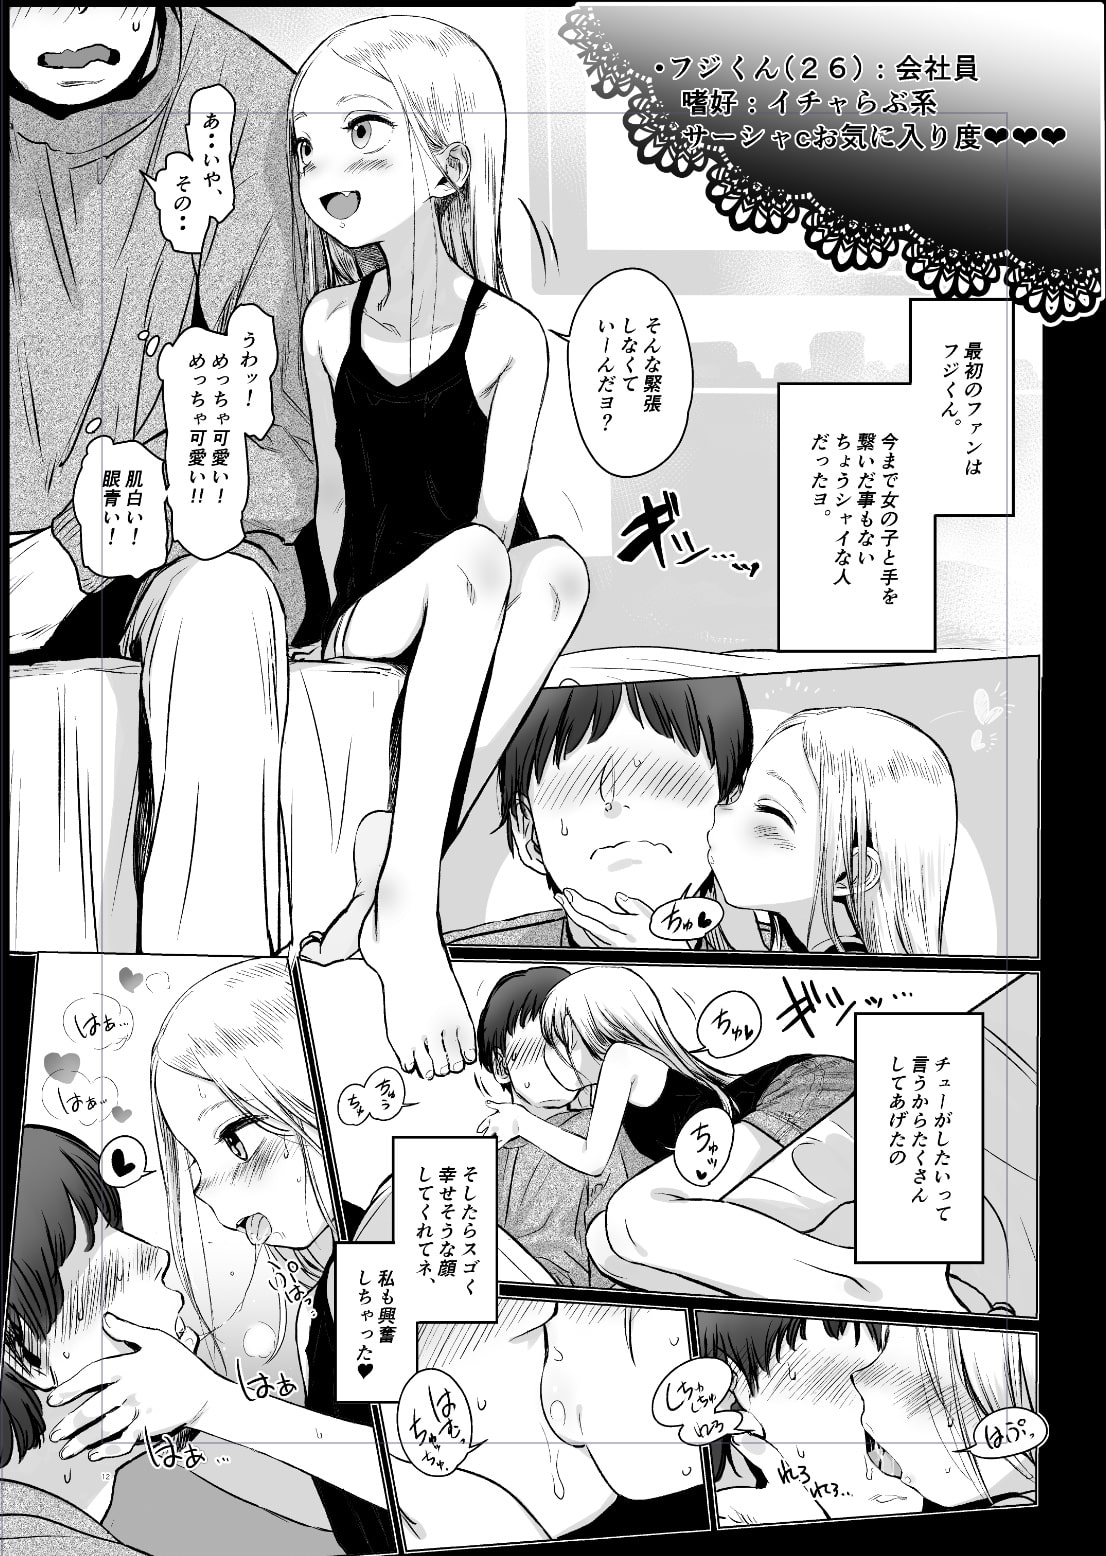 Welcome Sashachang サーシャちゃんがようこそのサンプル画像